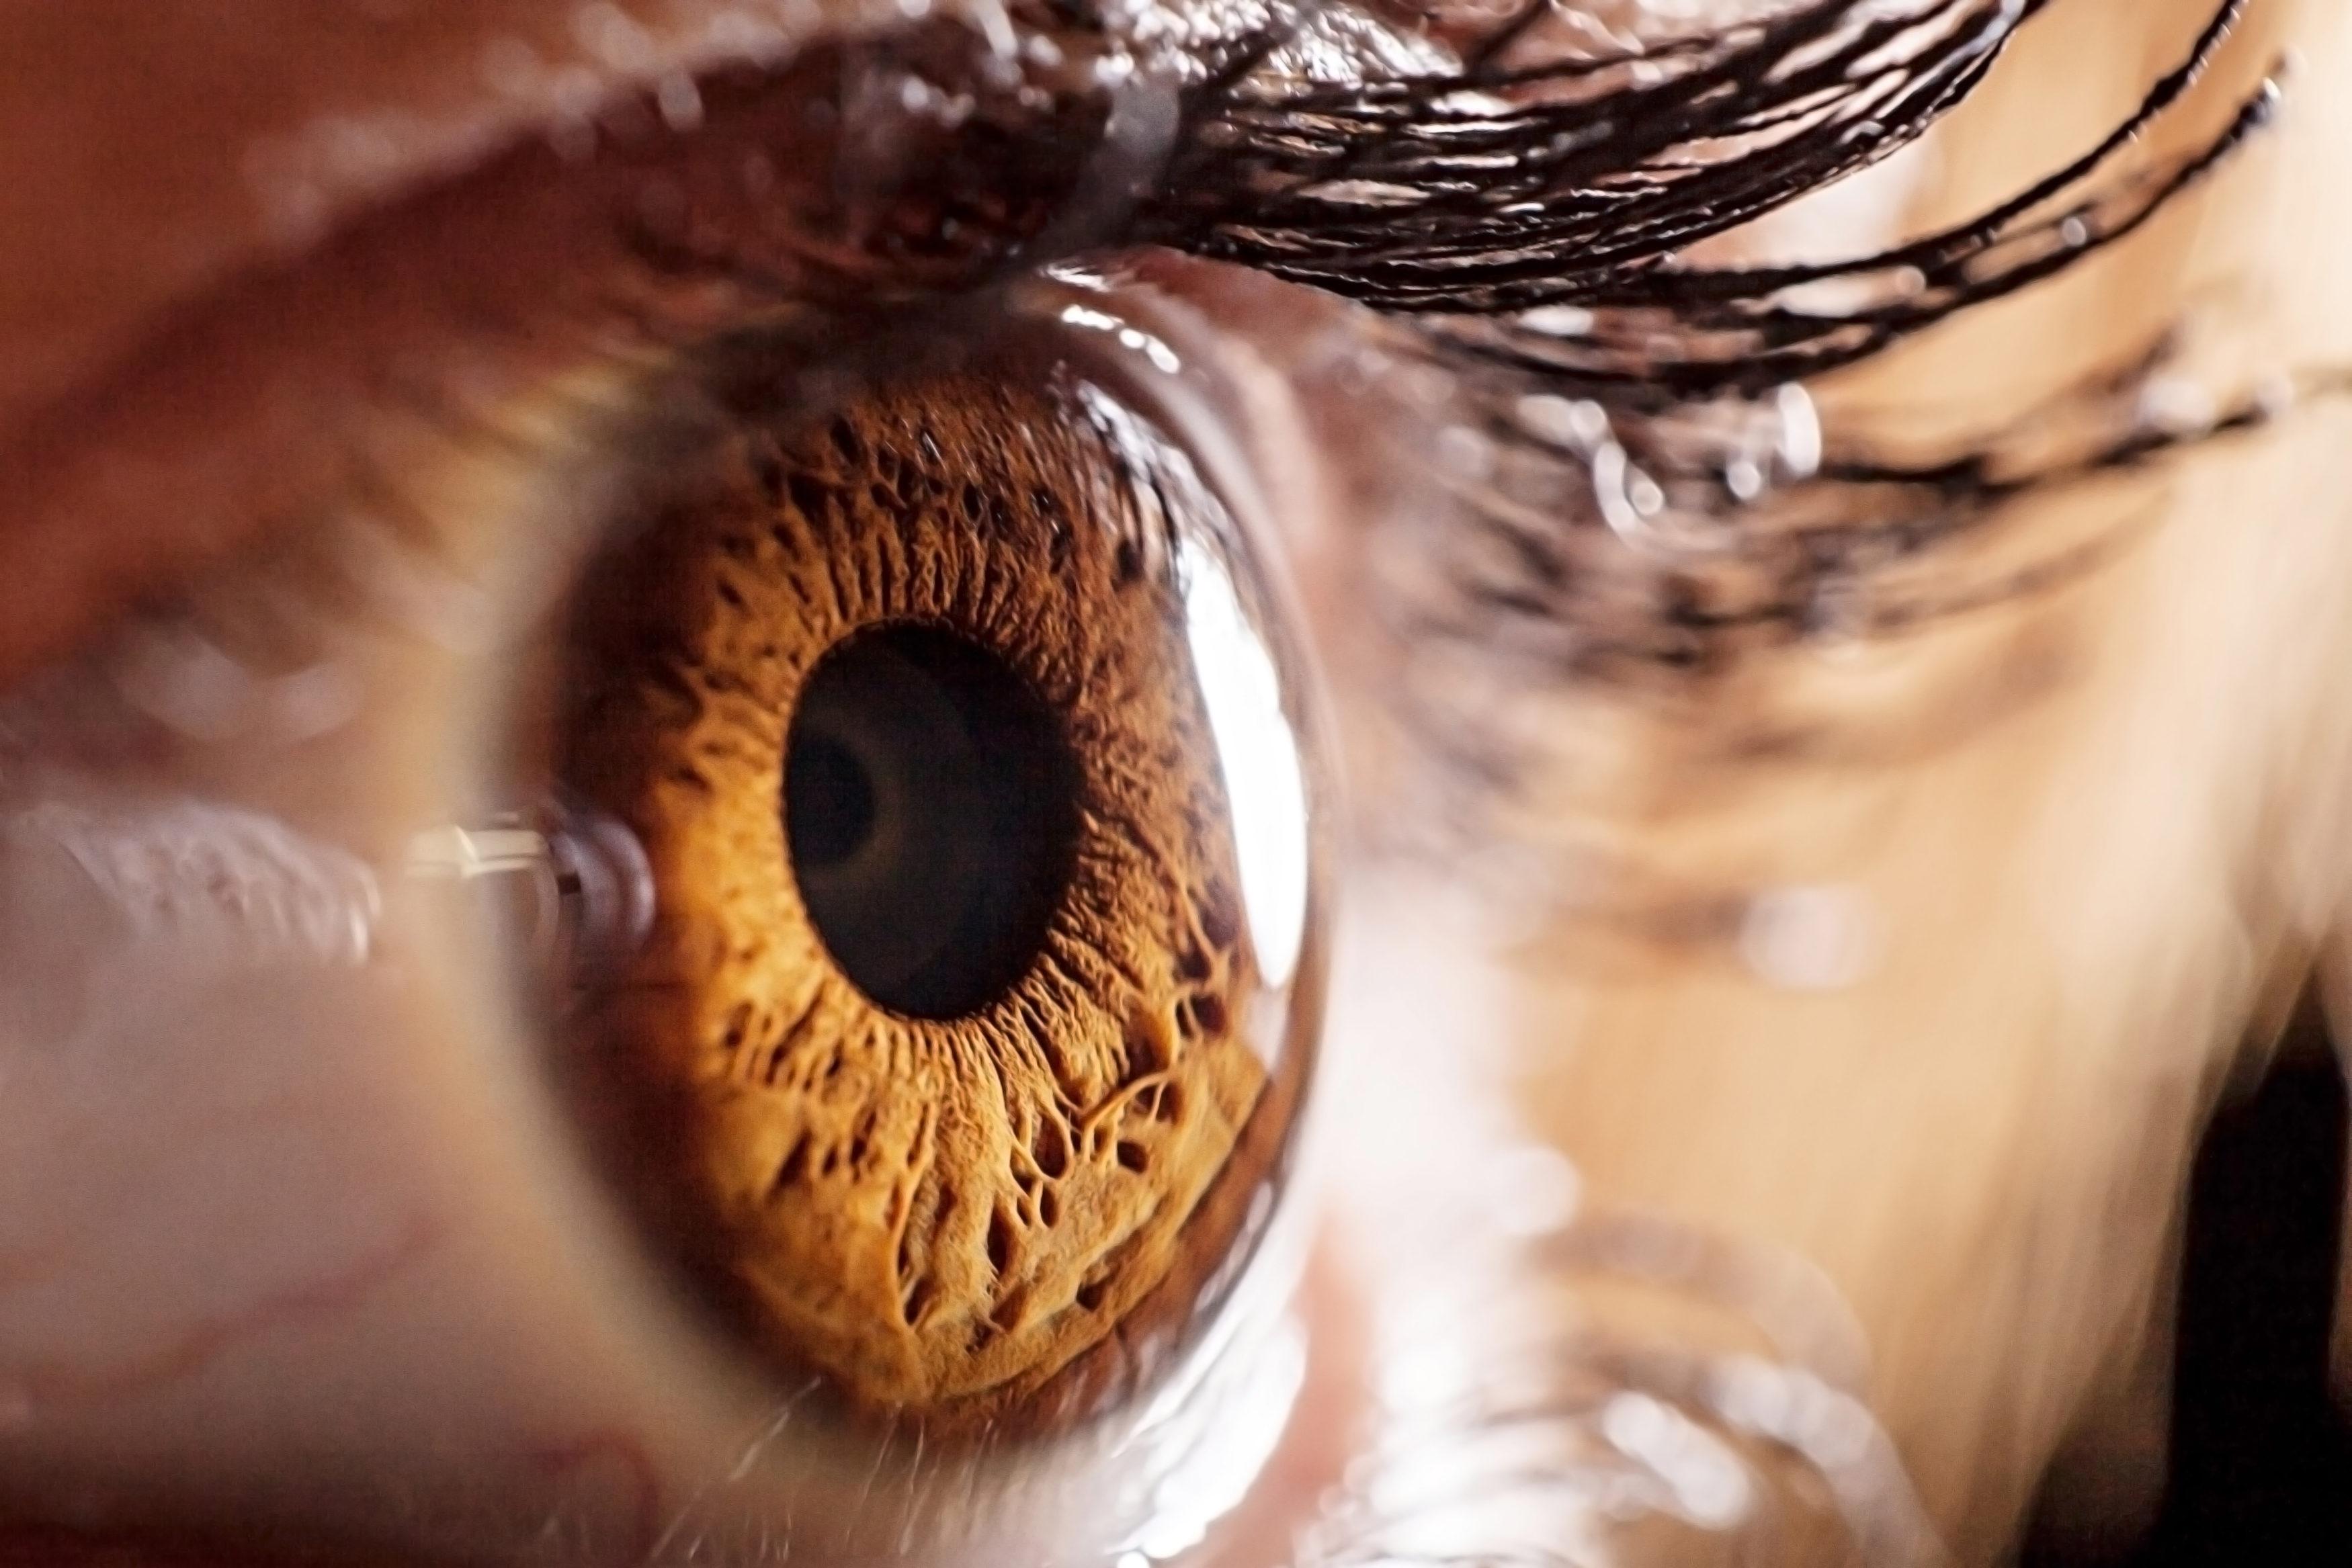 eyeball-01.23.17-3500x2334.jpg